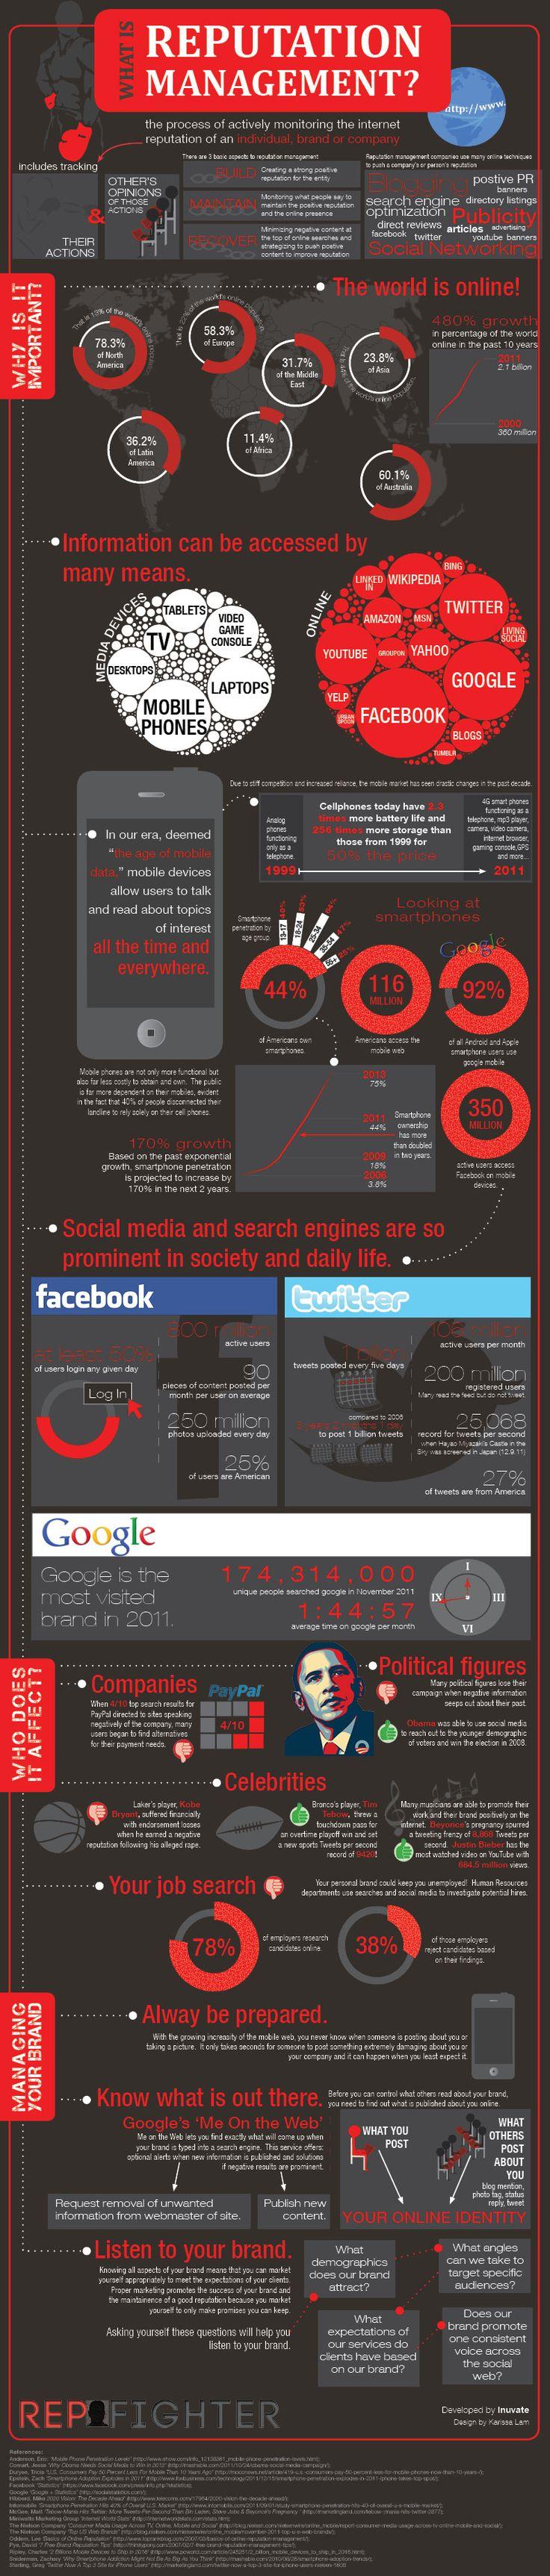 Infografía en inglés de como gestionar la reputación en redes social e Internet